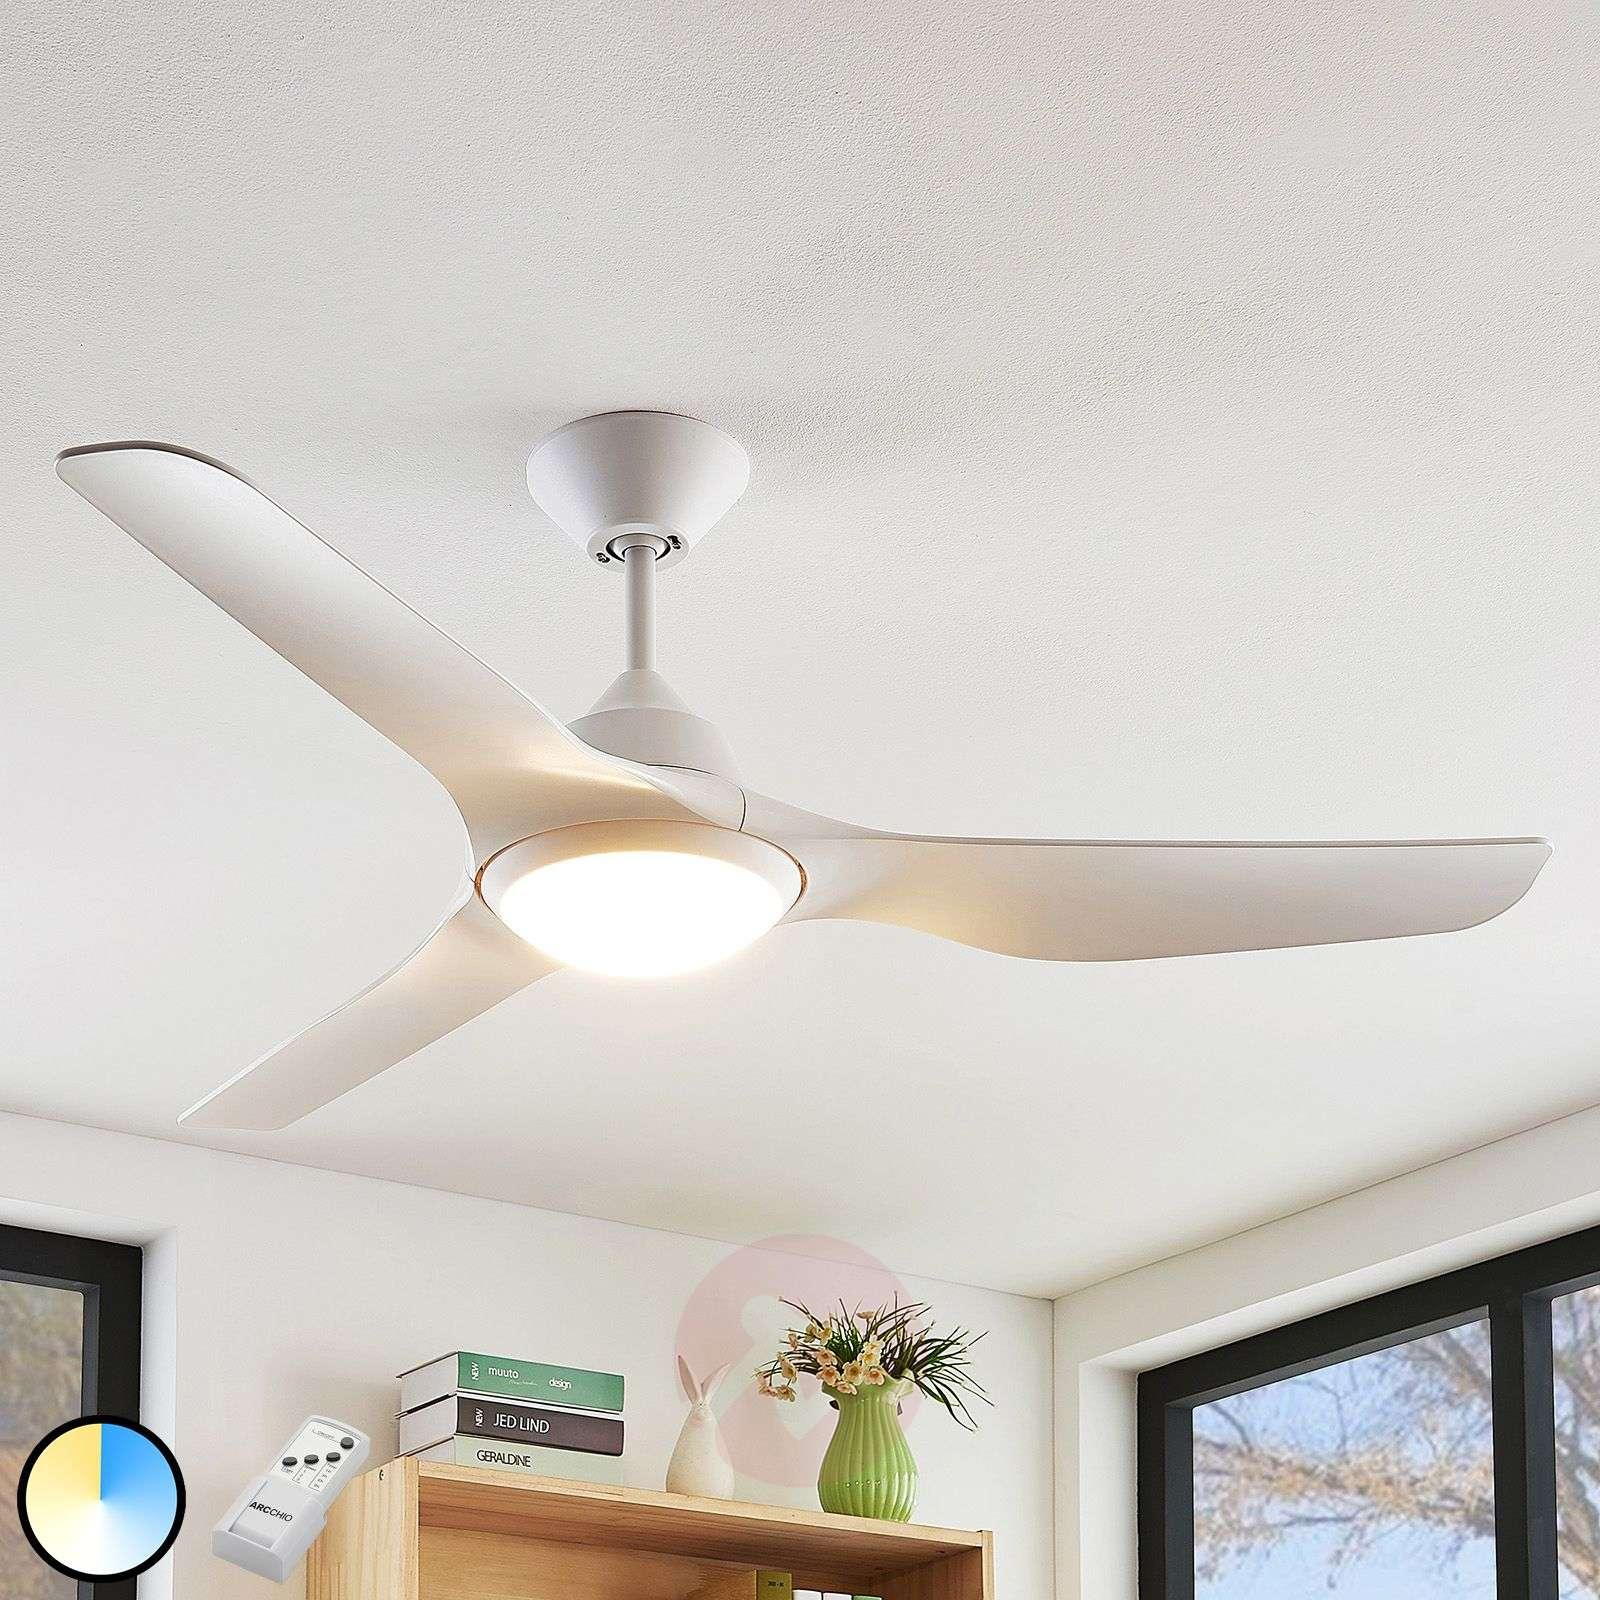 Arcchio Pira LED-kattotuuletin 3 siivekettä, valk-9624666-02